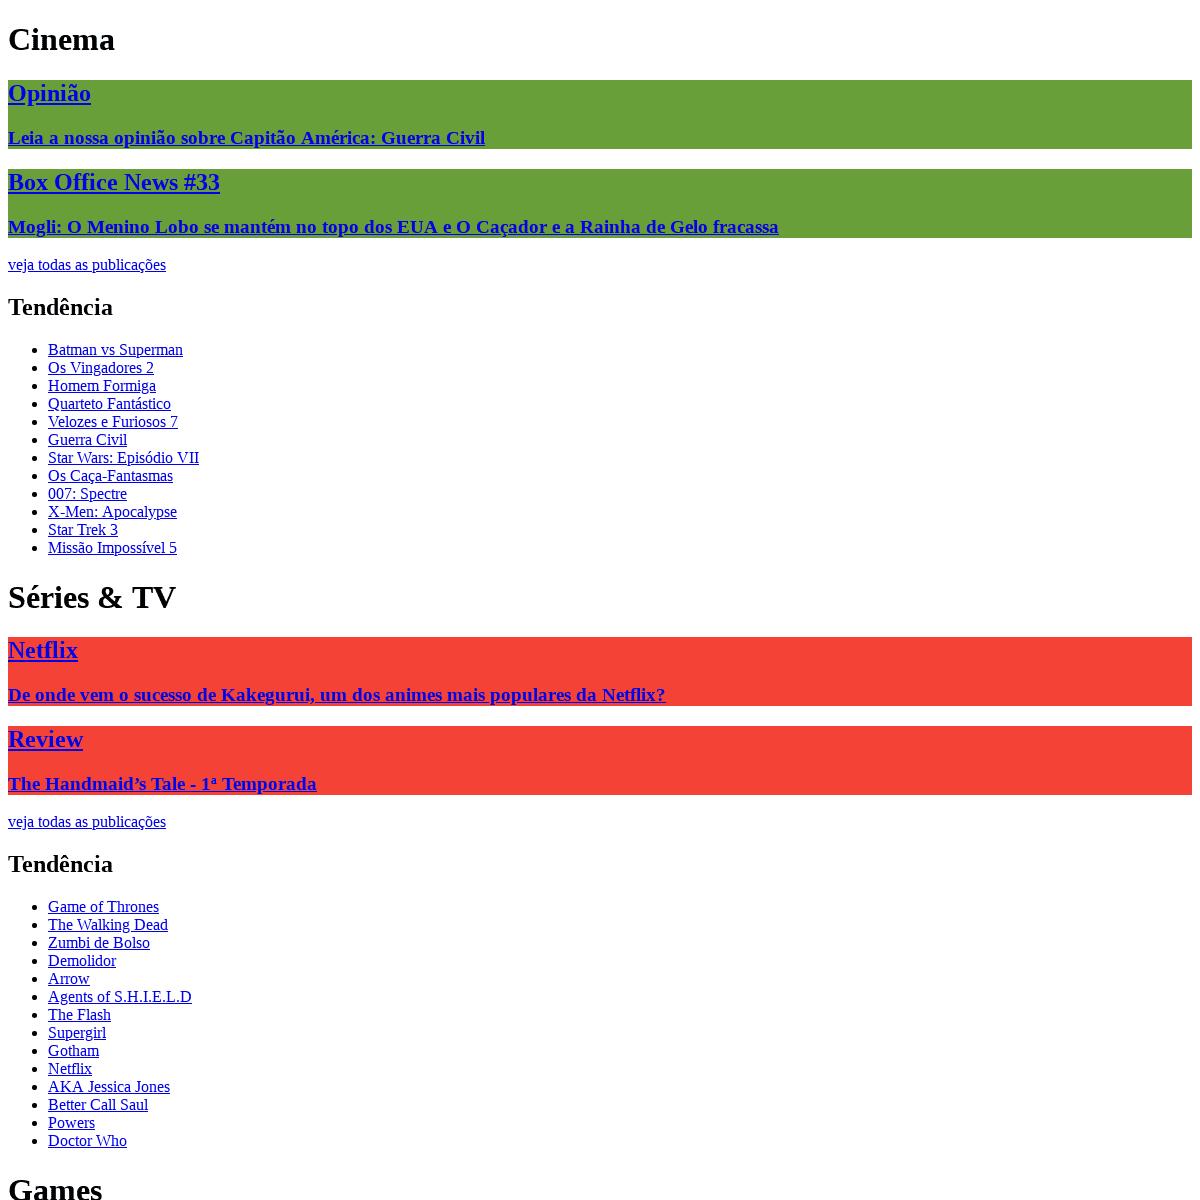 ArchiveBay.com - supernovo.net - Supernovo.net - Cinema, Games, Quadrinhos, Livros, Mangás, Séries de TV e Podcasts Nerds!